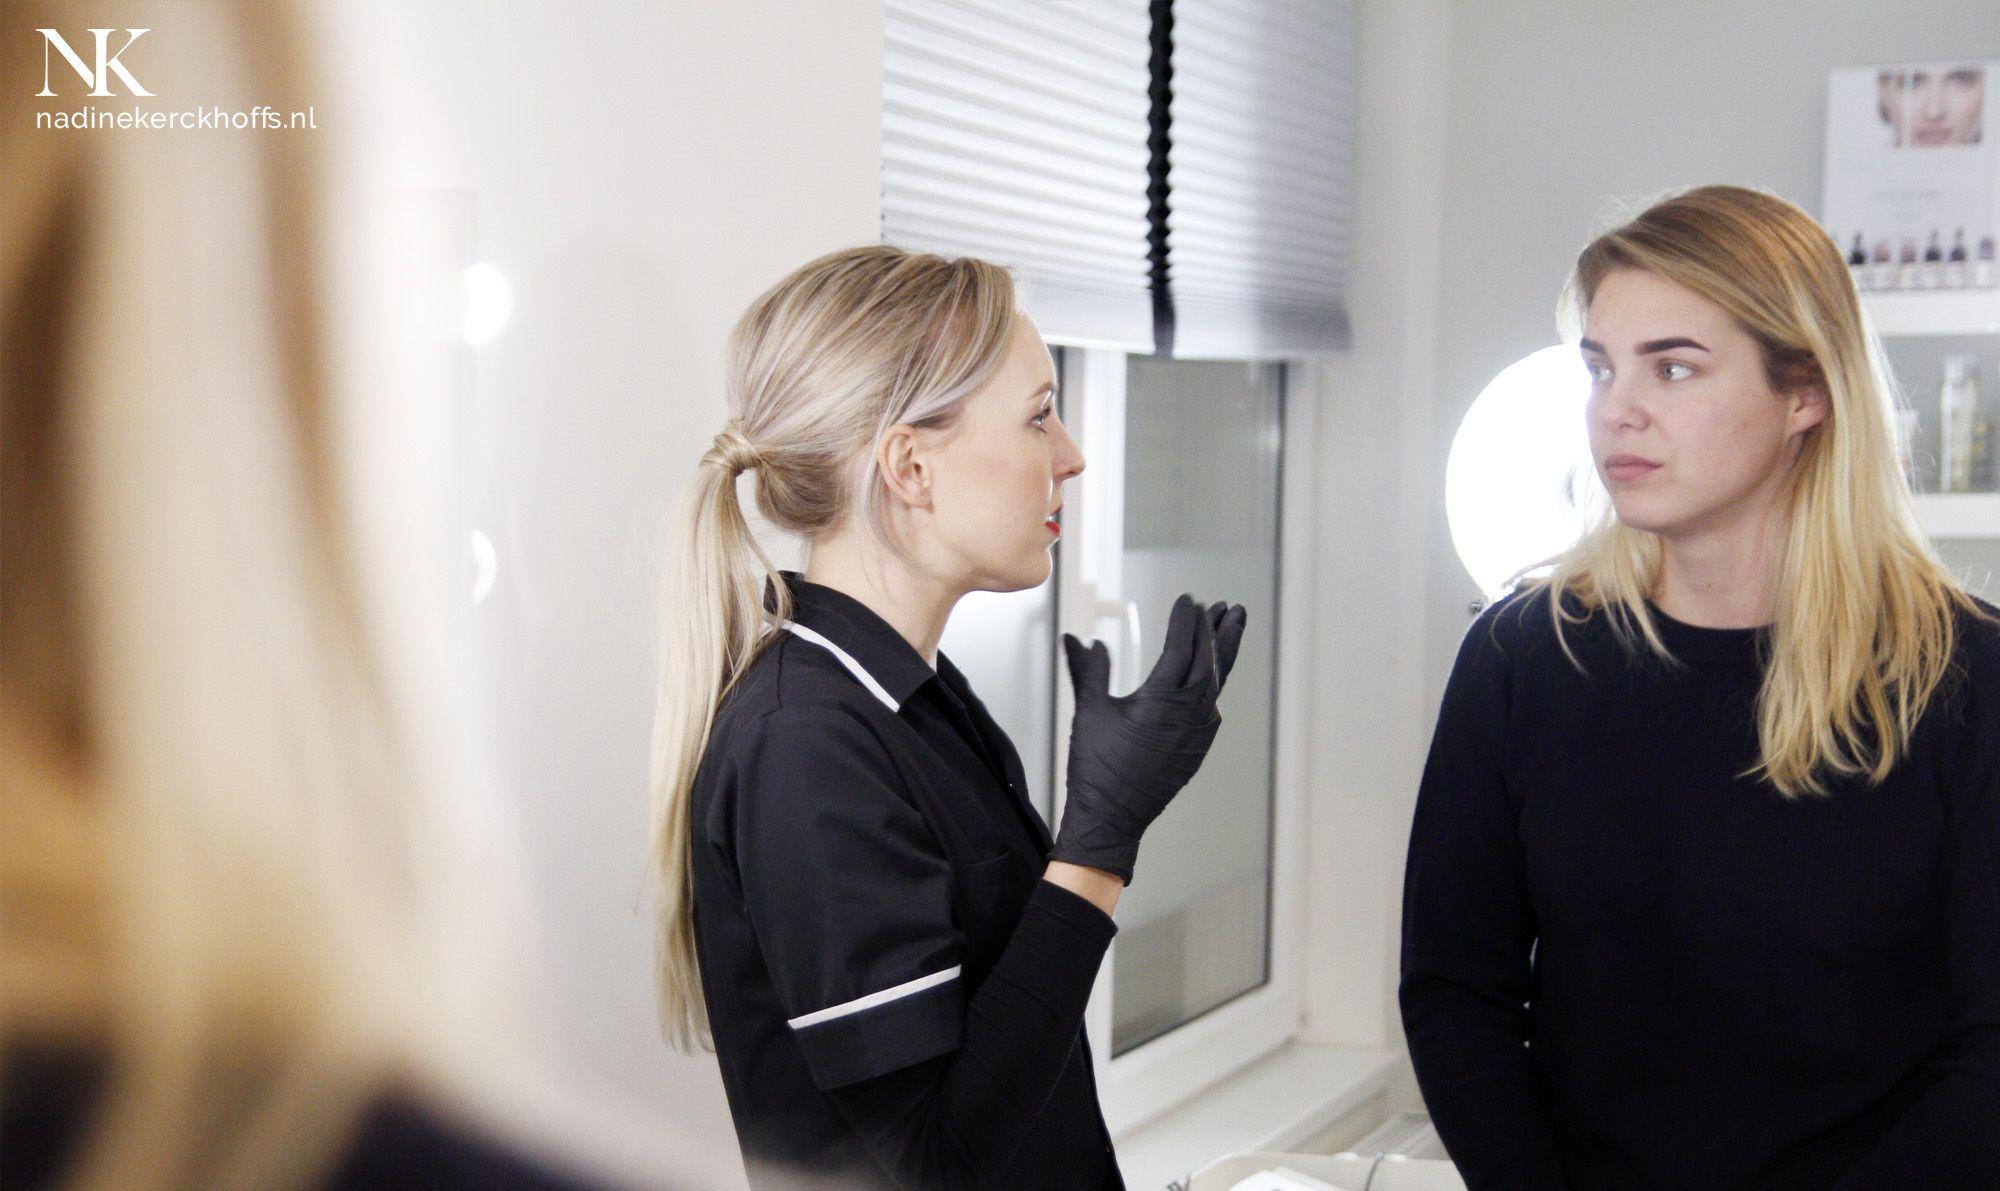 Wenkbrauwen met Nadine Kerckhoffs Permanente Make Up Specialist Maastricht Limburg